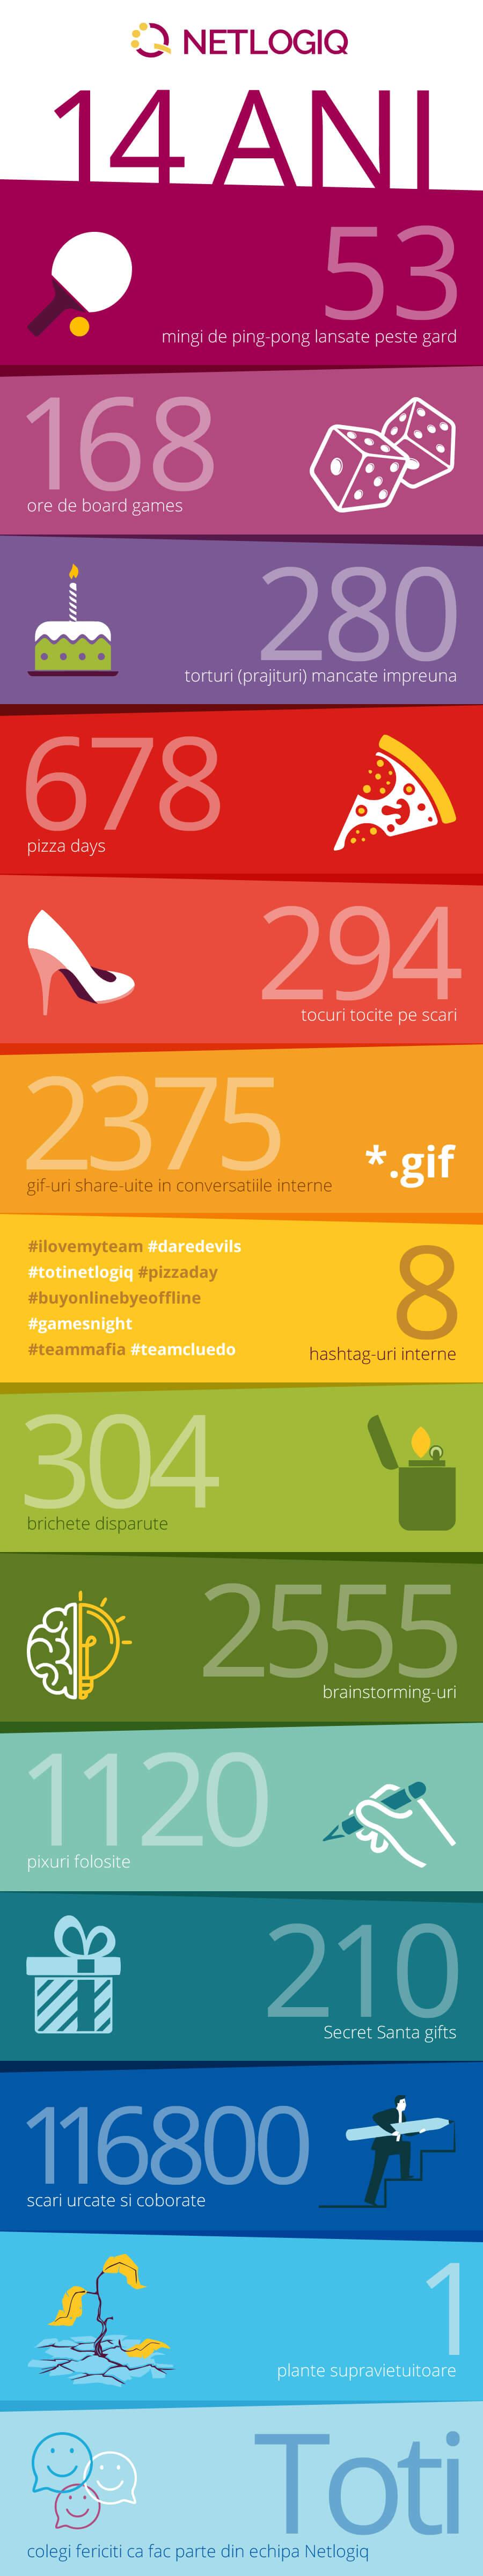 infografic-14-ani-netlogiq